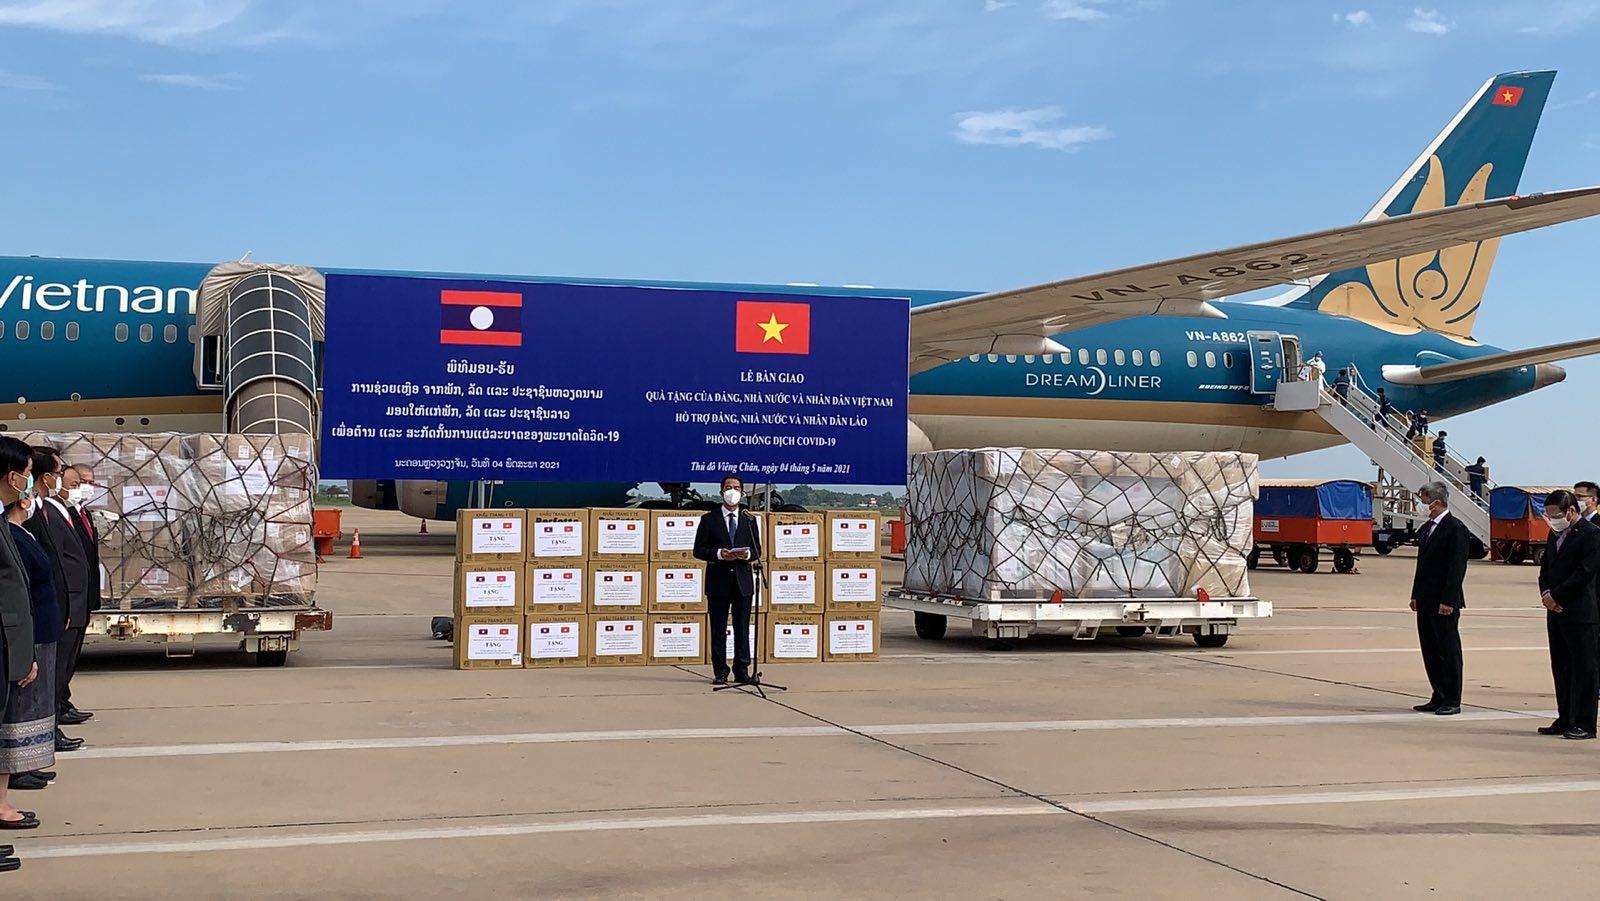 Cận cảnh chuyến bay chở trang thiết bị y tế của Việt Nam hỗ trợ Lào